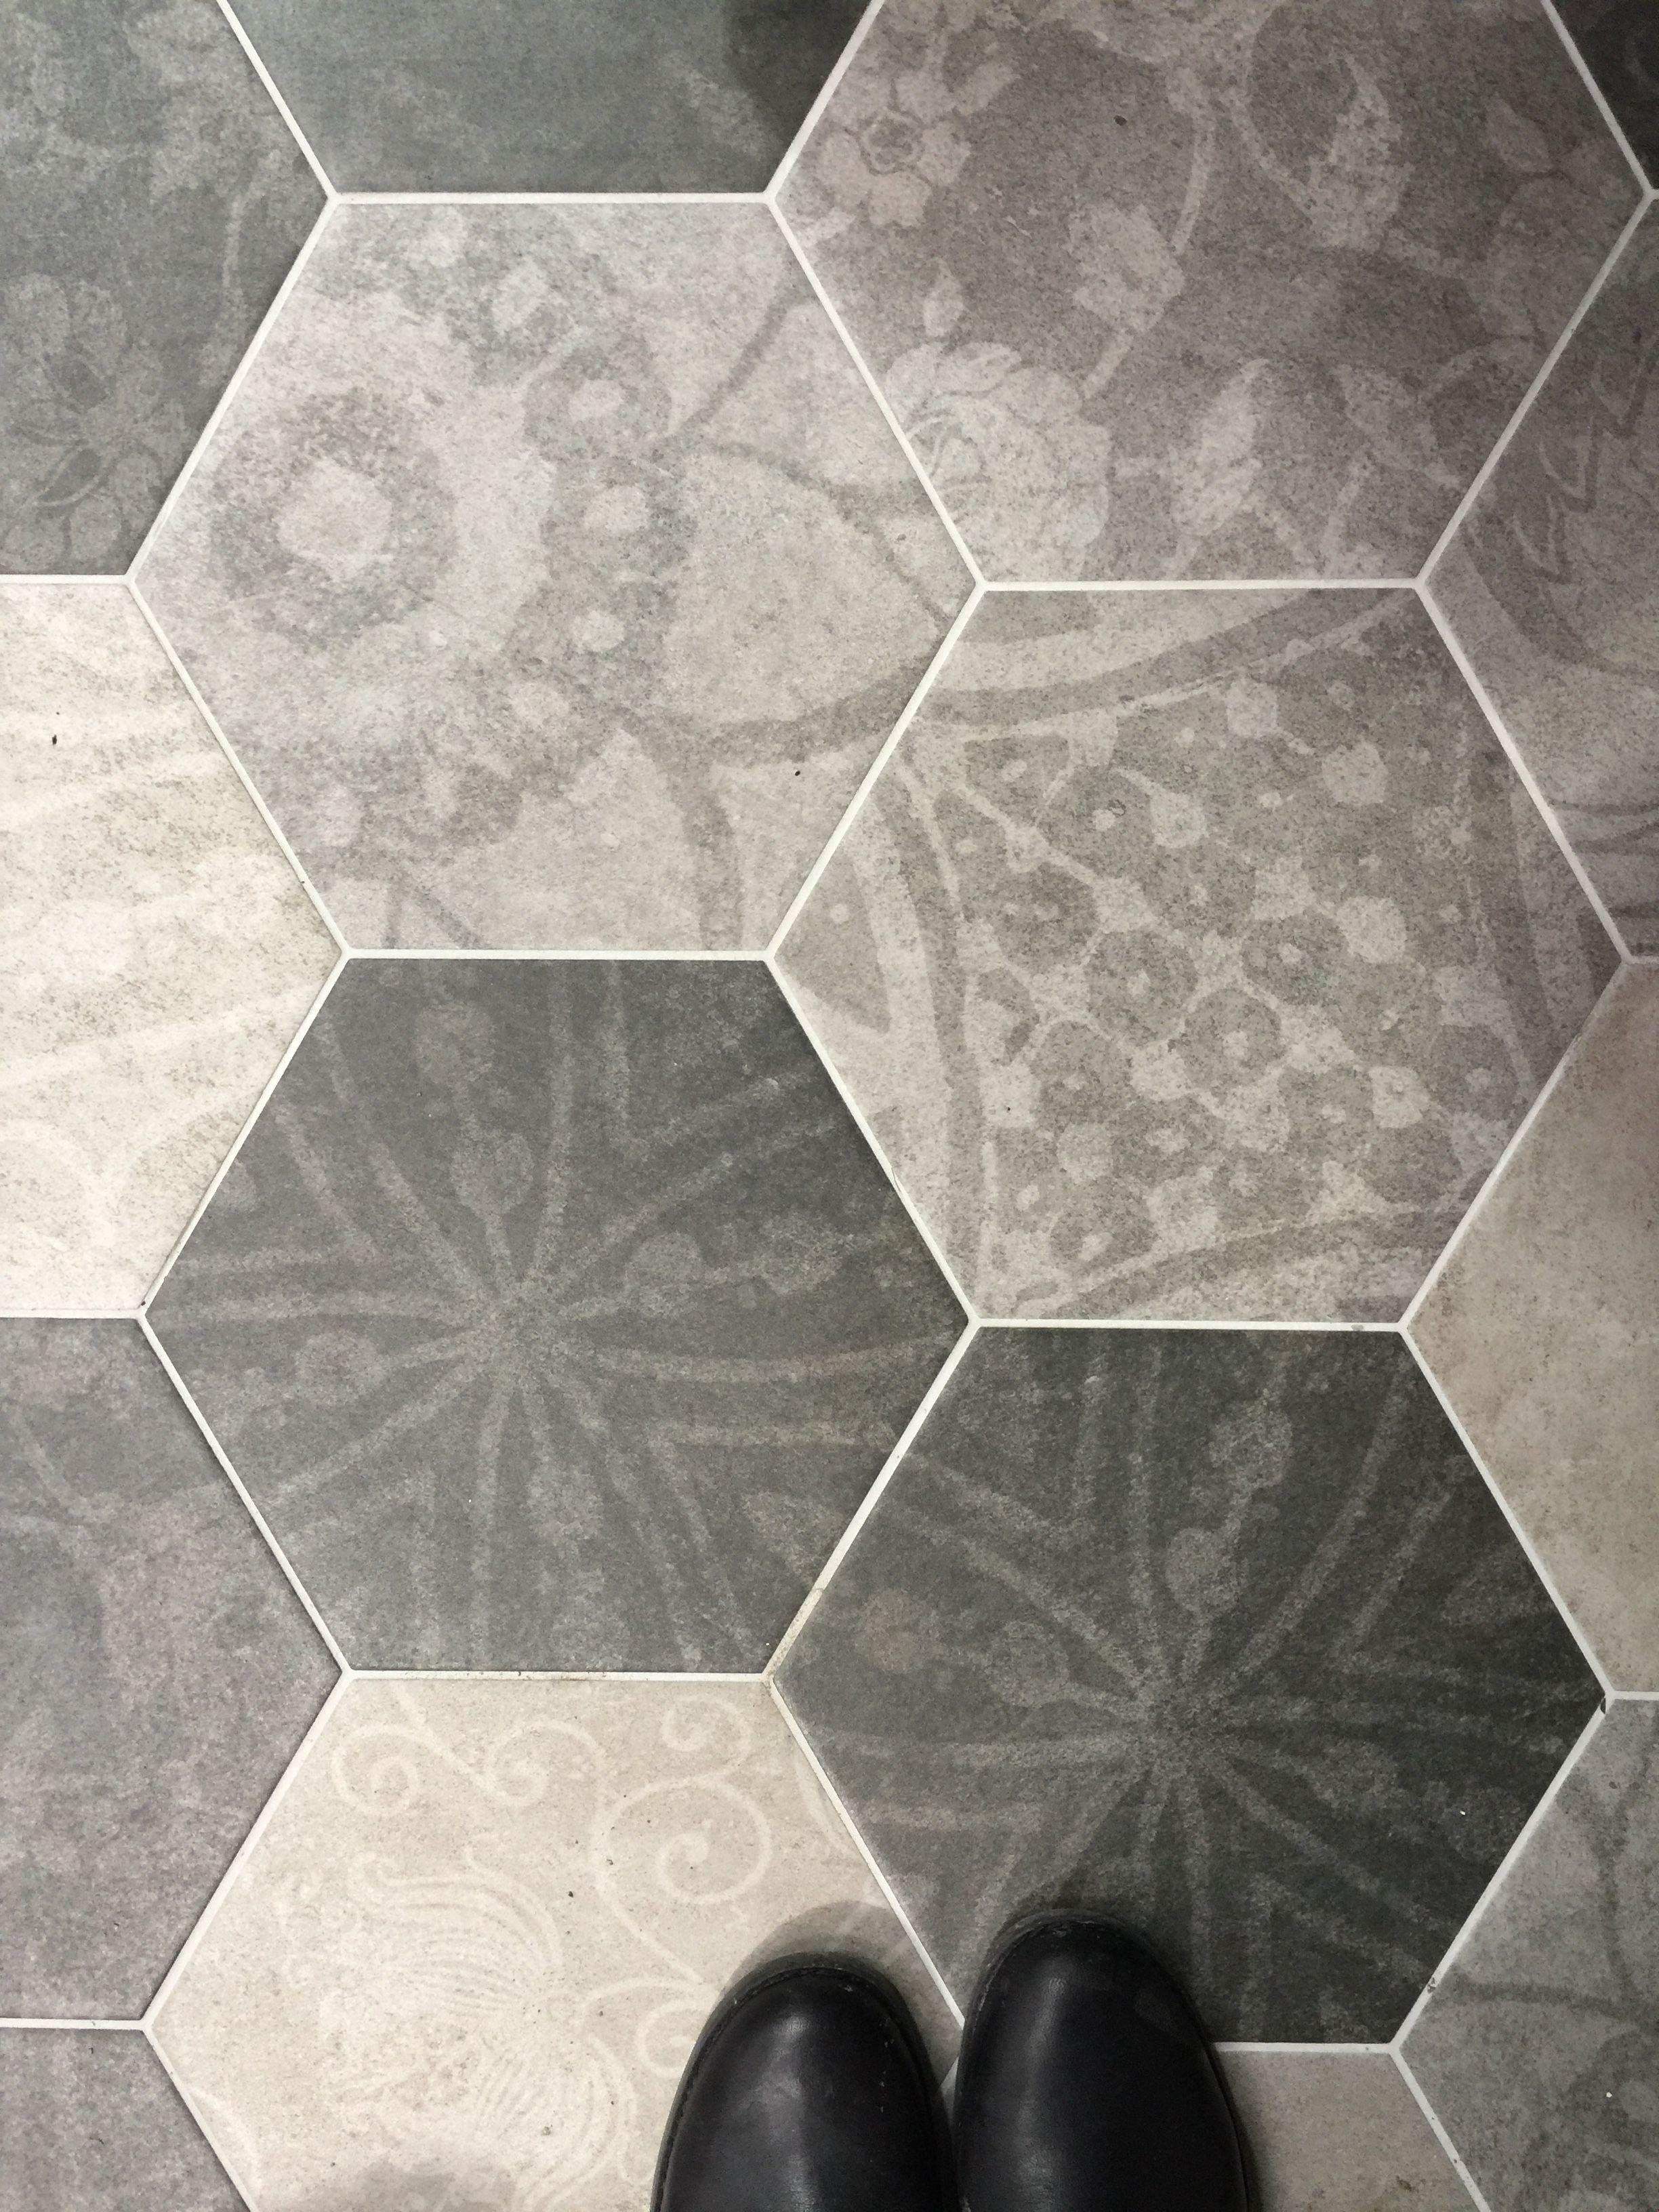 Grey Hexagon Patterned Floor Tiles Bathroom Floor Tile Patterns